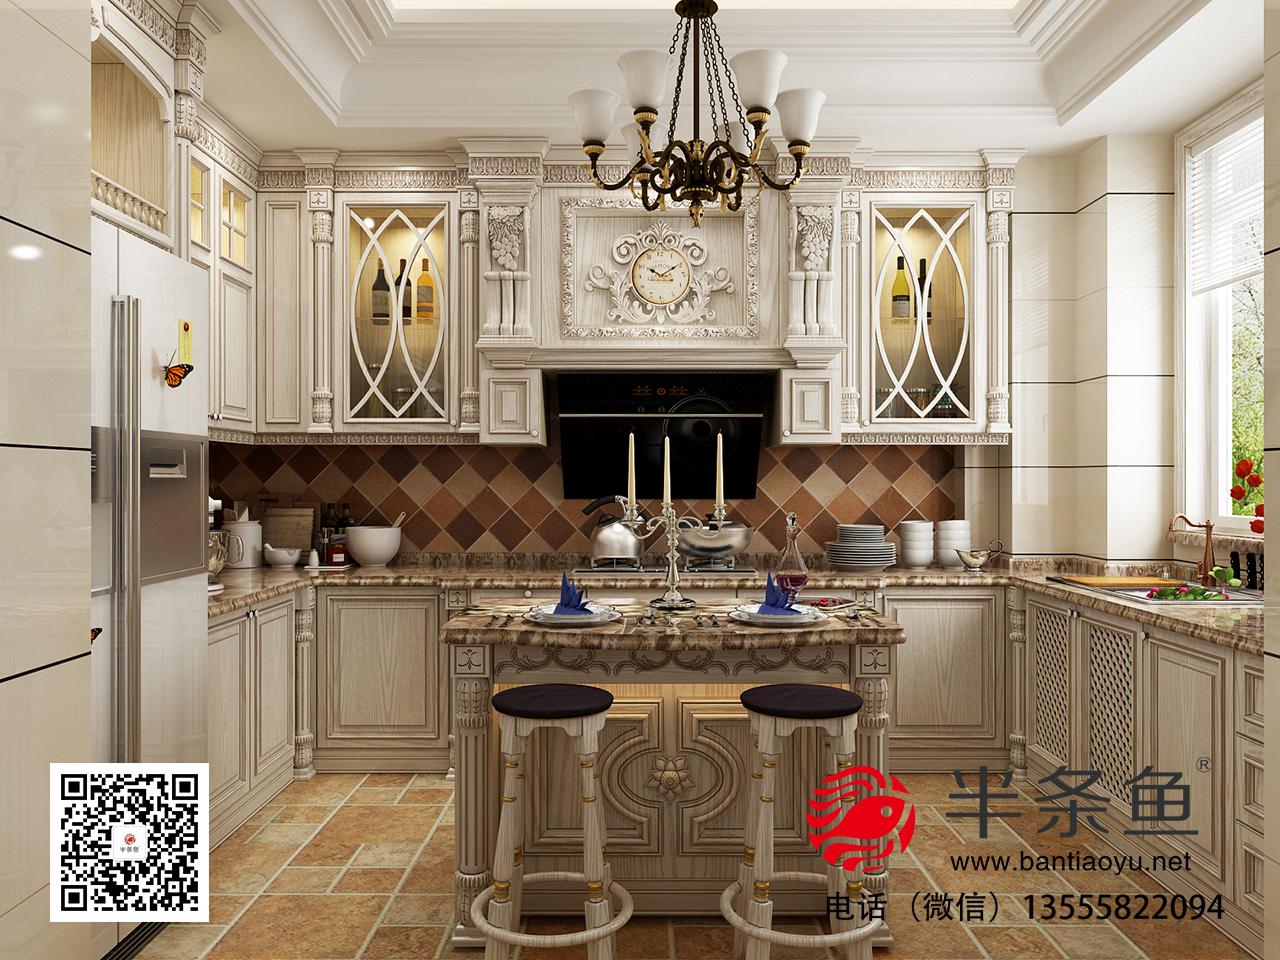 简约 欧式 田园 二居 客厅 卧室 厨房 餐厅图片来自半条鱼26在半条鱼的分享